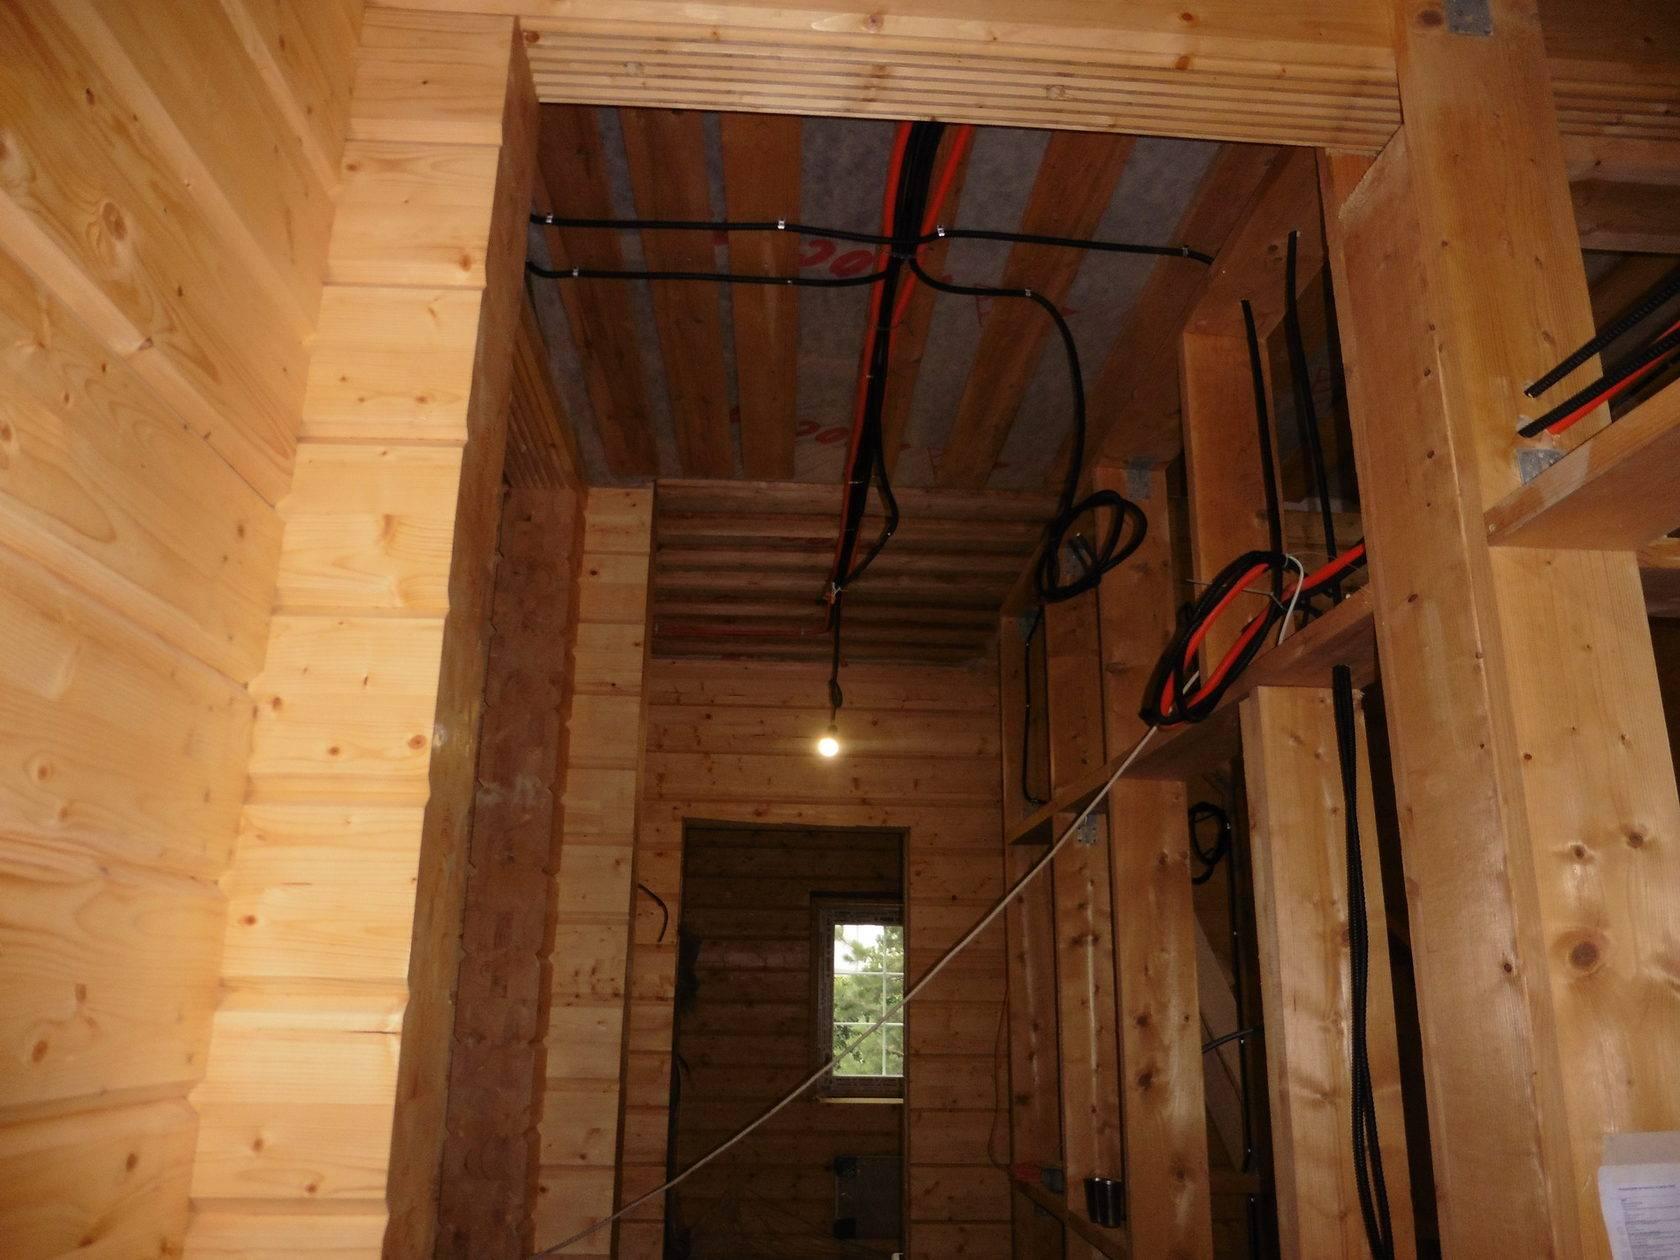 Скрытая проводка в деревянном доме своими руками, пошаговая инструкция, правила монтажа, под гипсокартоном, в металлорукаве и кабель канале